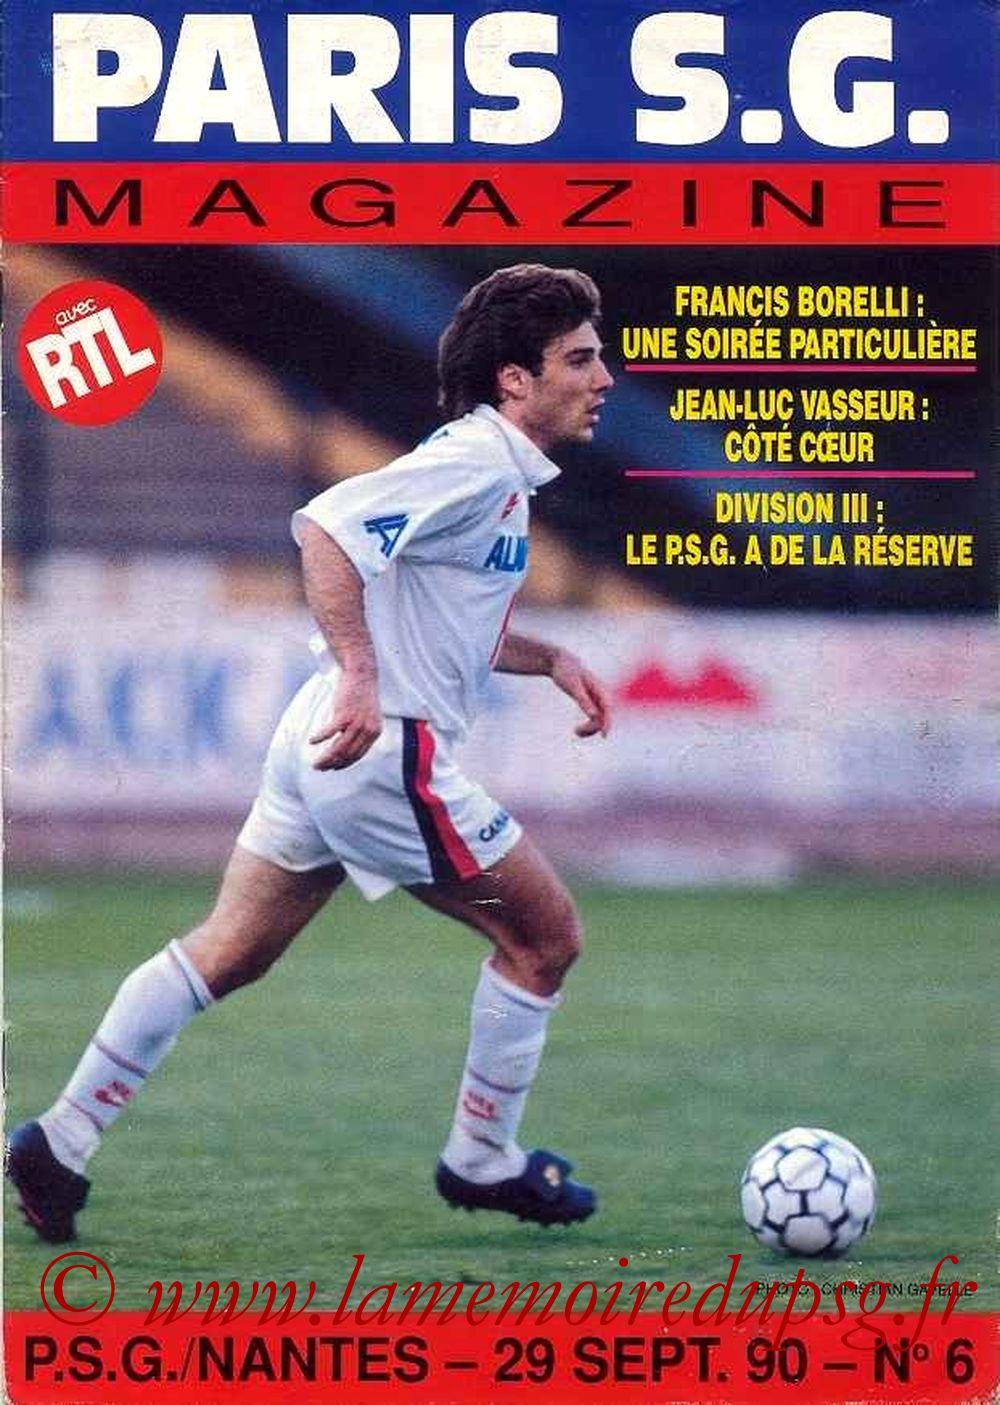 1990-09-29  PSG-Nantes (11ème D1, Paris SG Magazine N°6)